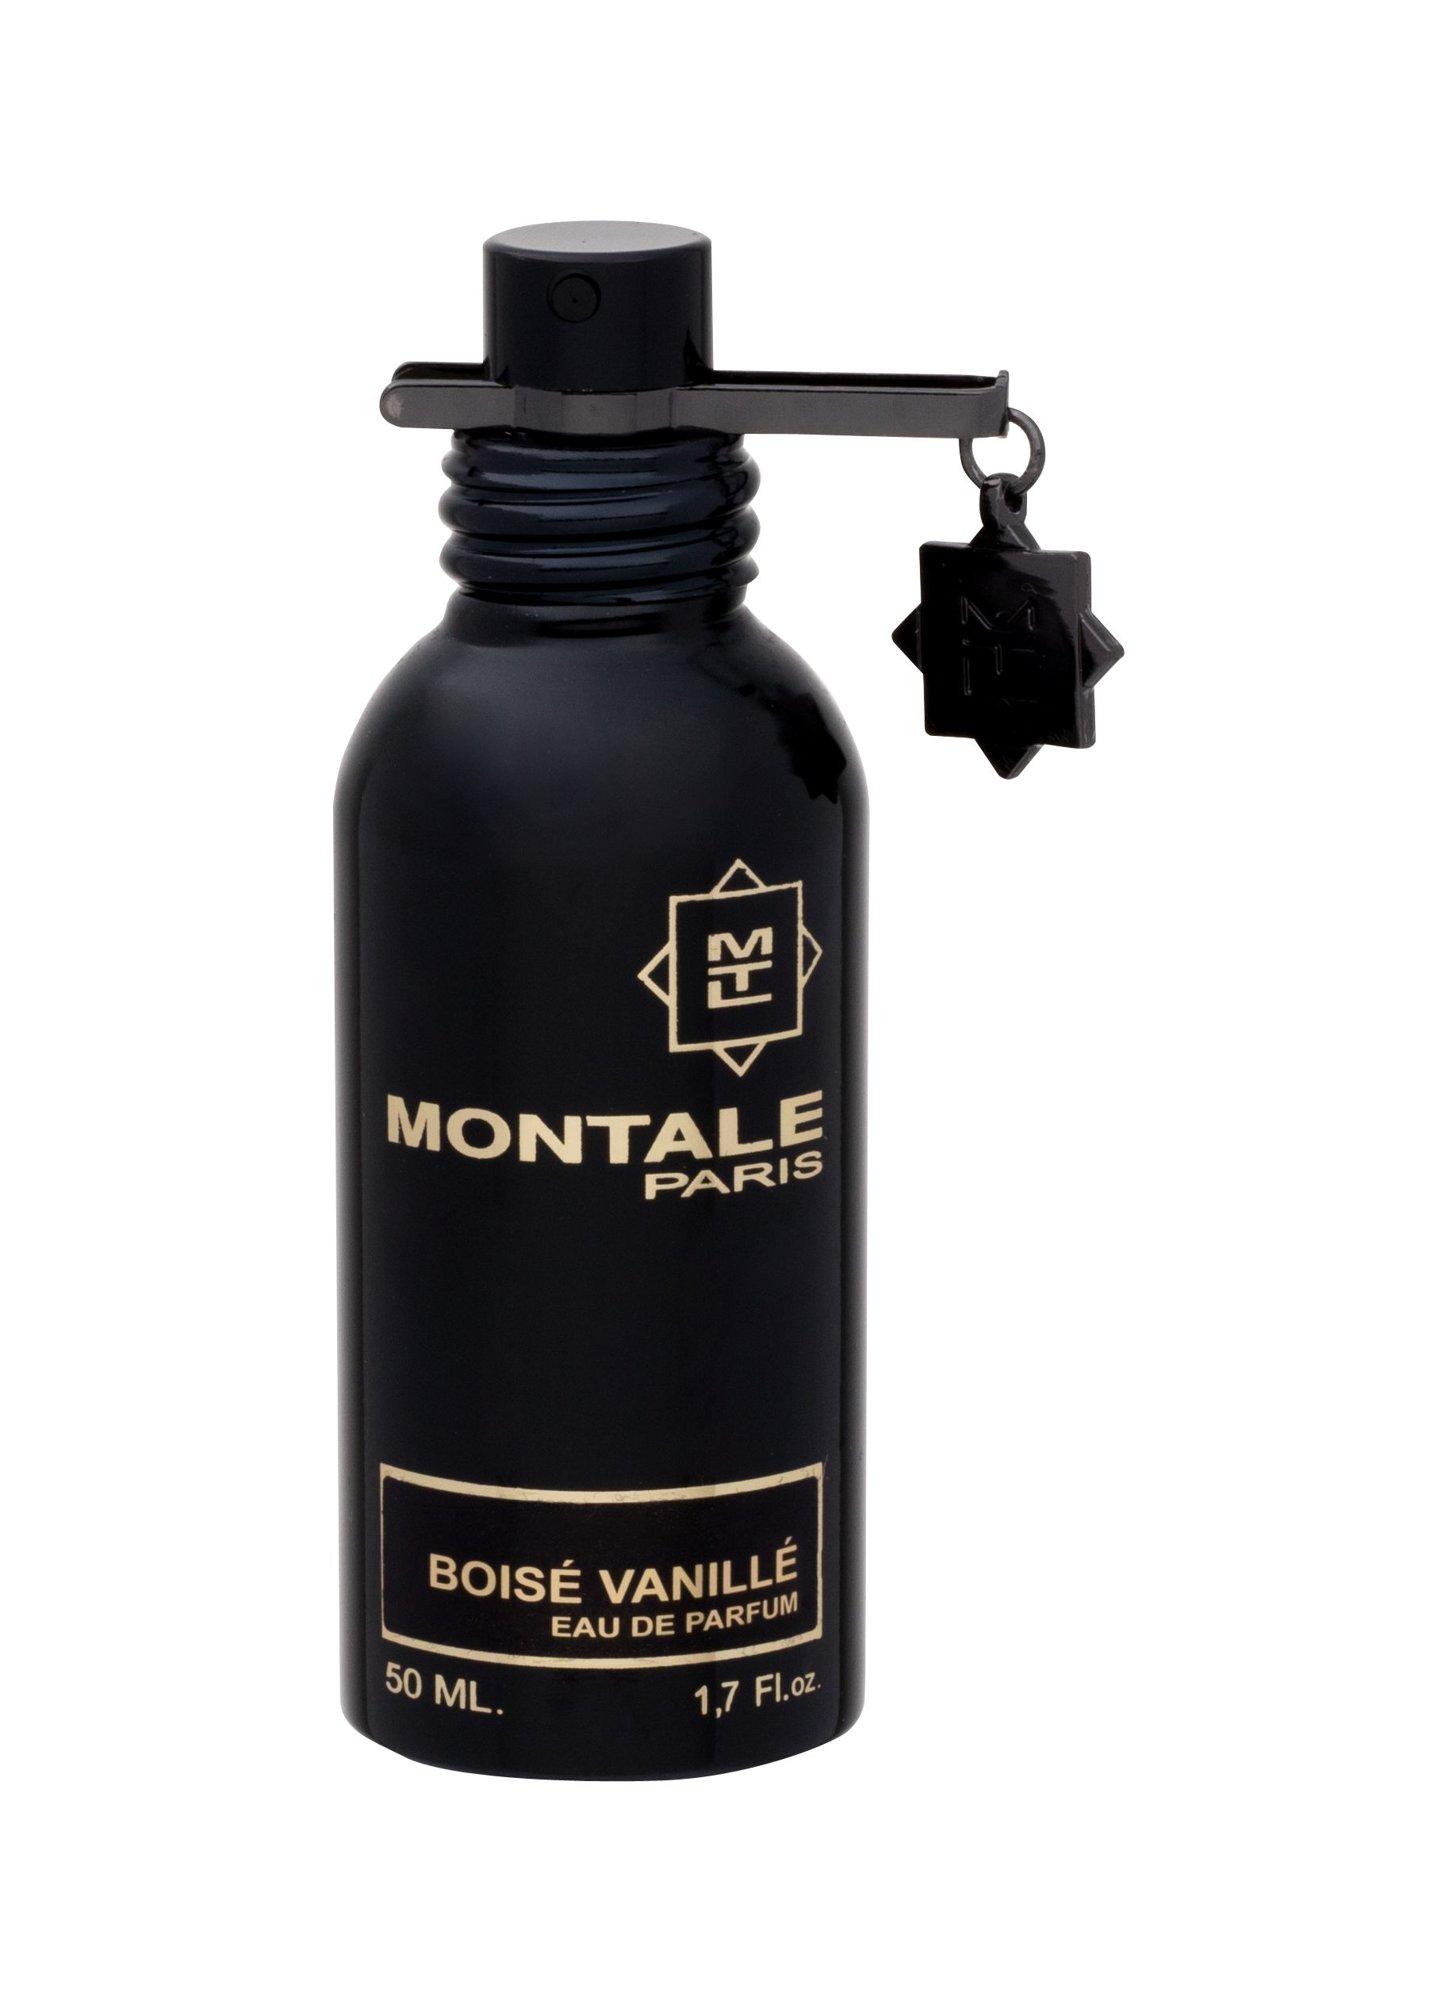 Montale Paris Boisé Vanillé EDP 50ml